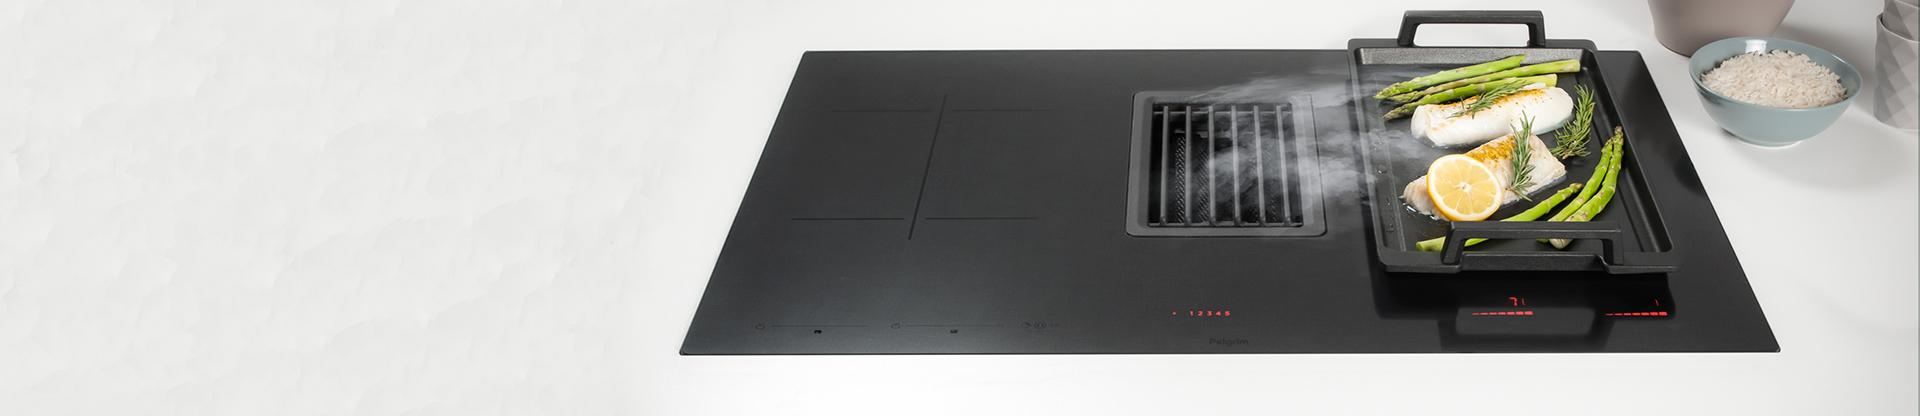 Header_pannen en grillplaten